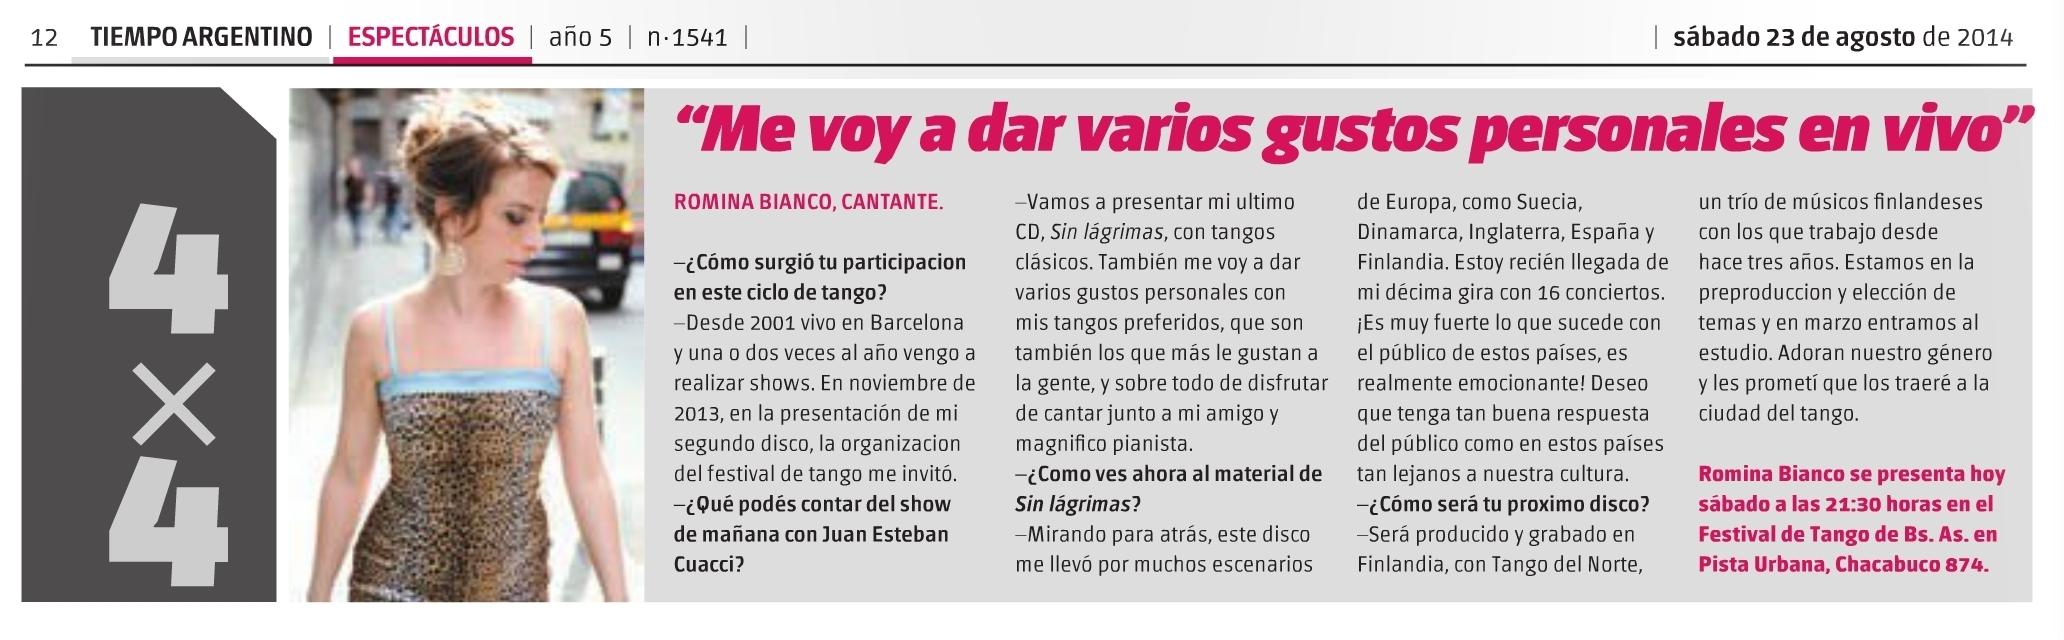 22-08-2014_Diario_Tiempo_Argentino_-_Espectáculos_-_4x4_-_Pág._12_(1).jpg